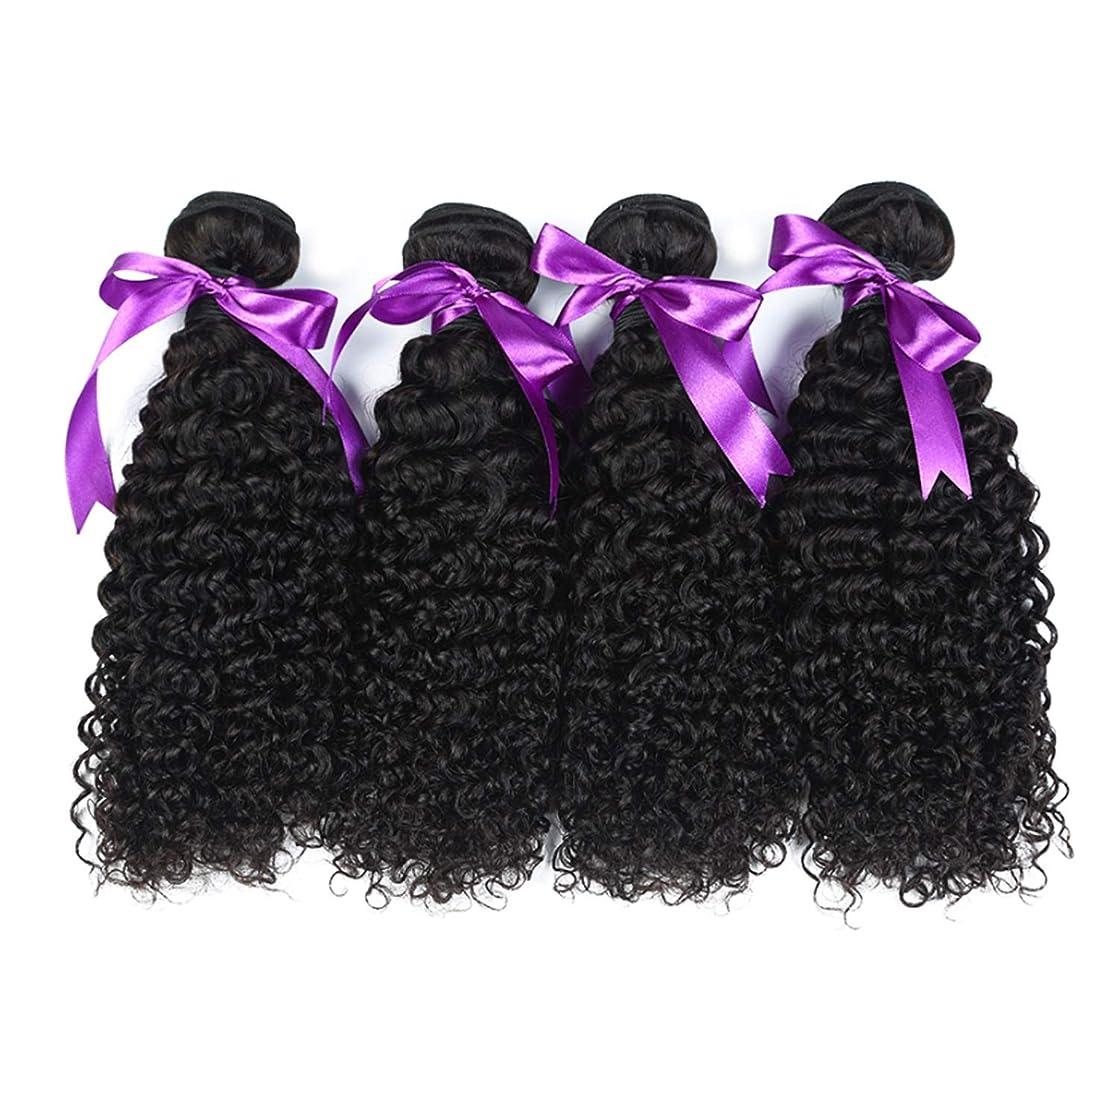 ポルノブルゴーニュうつマレーシアの巻き毛の束8-28インチ100%の人間の毛髪は、Remyの毛のナチュラルカラー4個の巻き毛の束を織ります かつら (Stretched Length : 12 14 16 18)